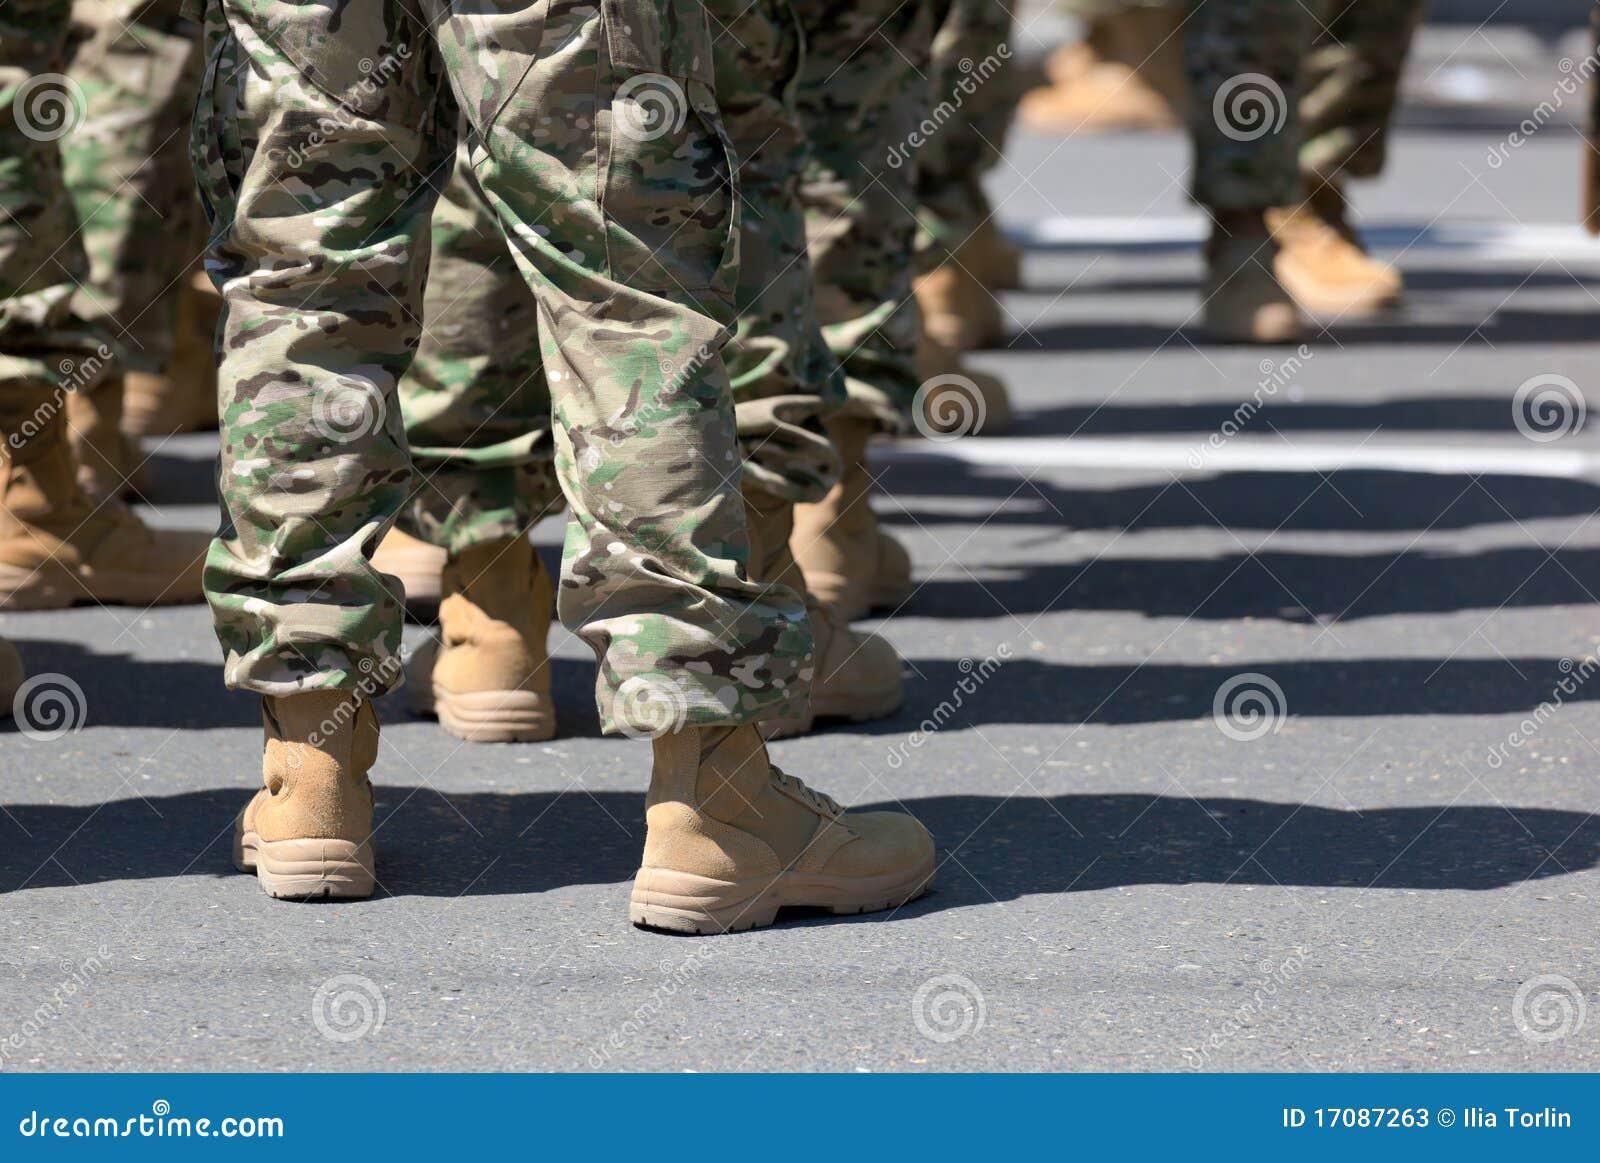 Soldaten in den Matten. Tbilisi. Georgia.